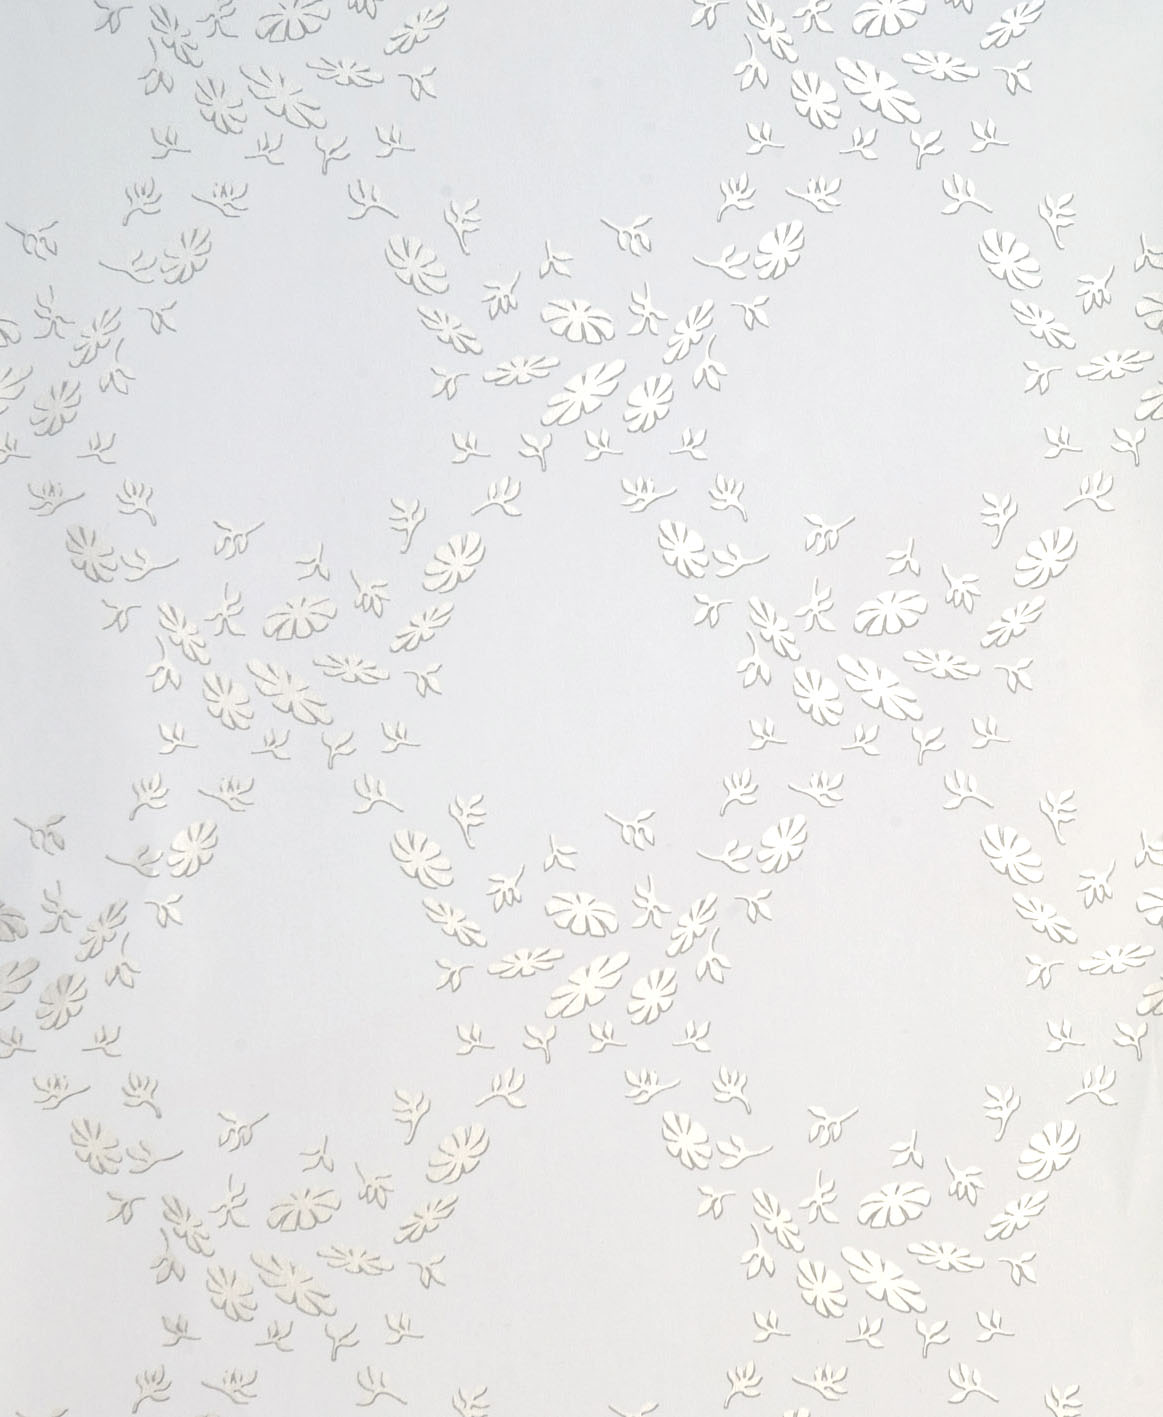 Papeles pintados dainty wall blog novedades y noticias - Papel pintado blanco y gris ...